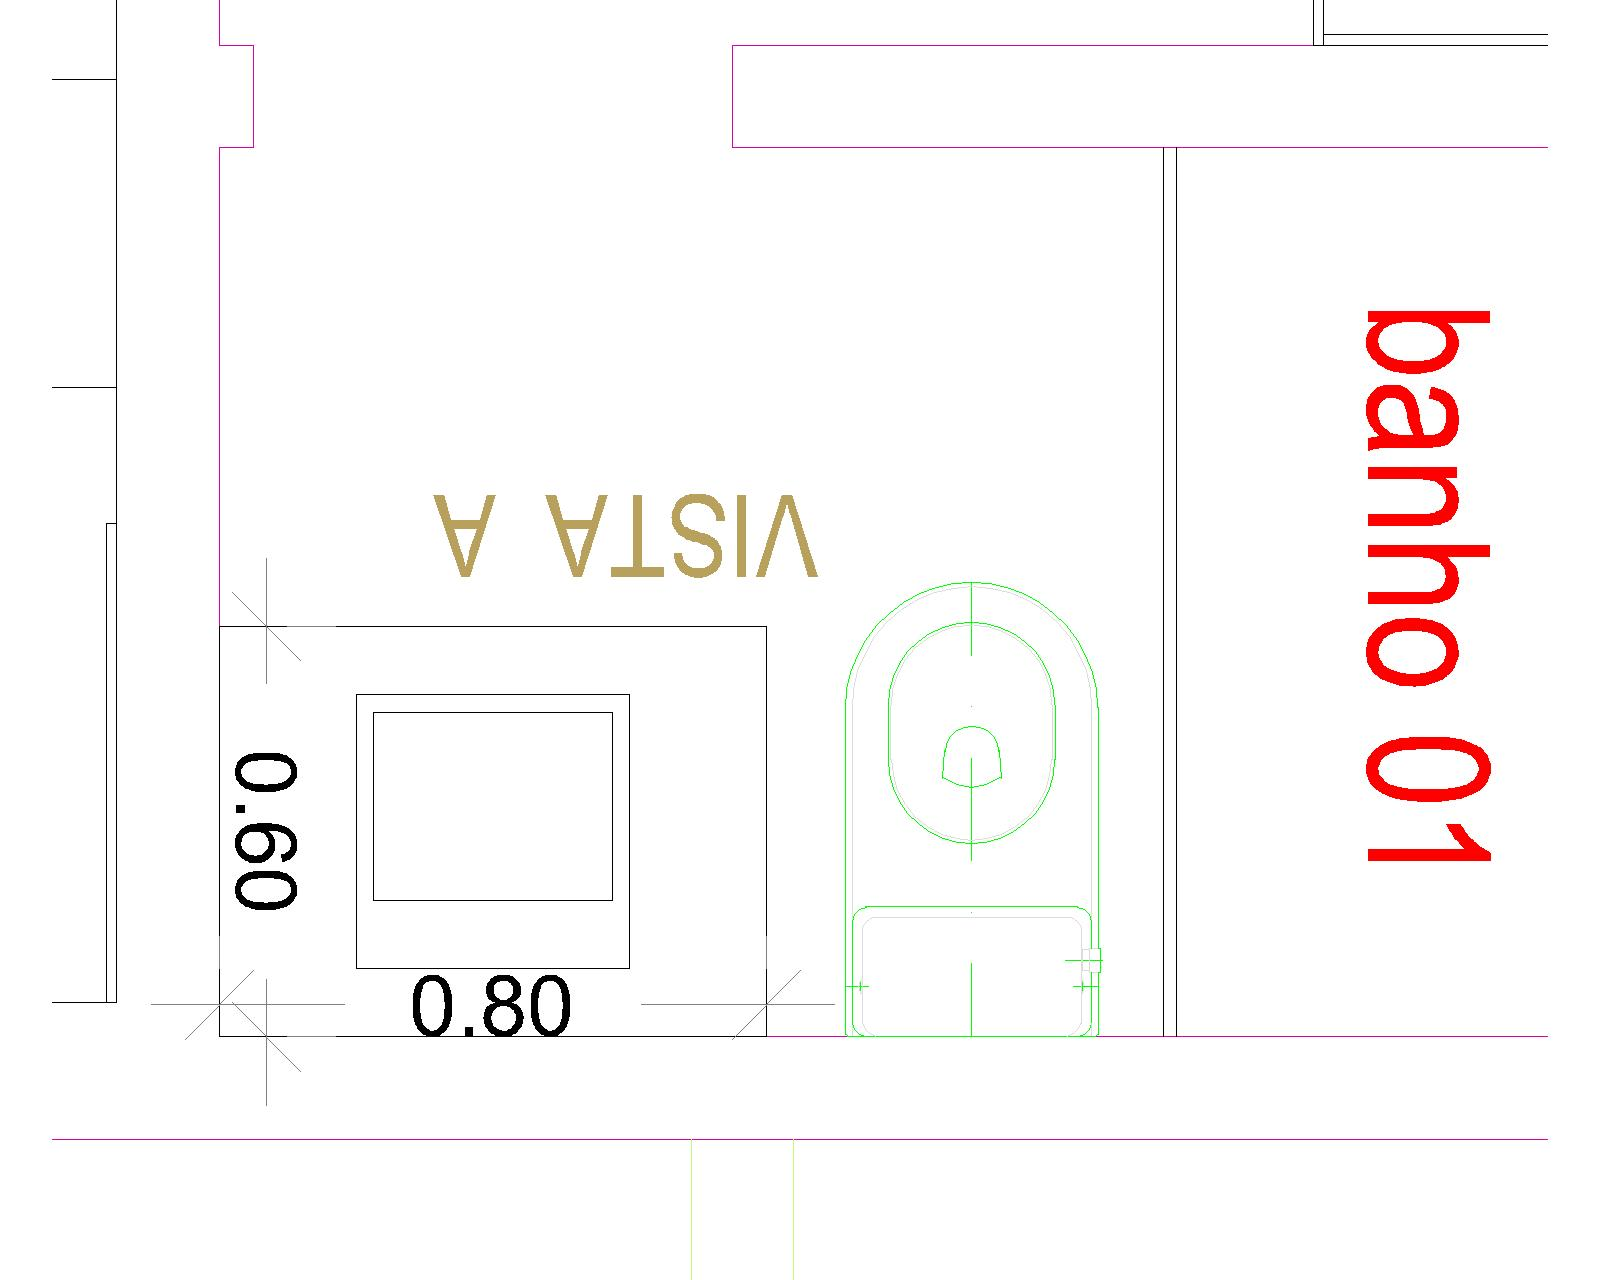 Imagens de #C20909 Ricardo S. Vieira: Projeto: Lavatórios suíte e banheiro social 1600x1280 px 3384 Bloco Cad Lavatório Banheiro